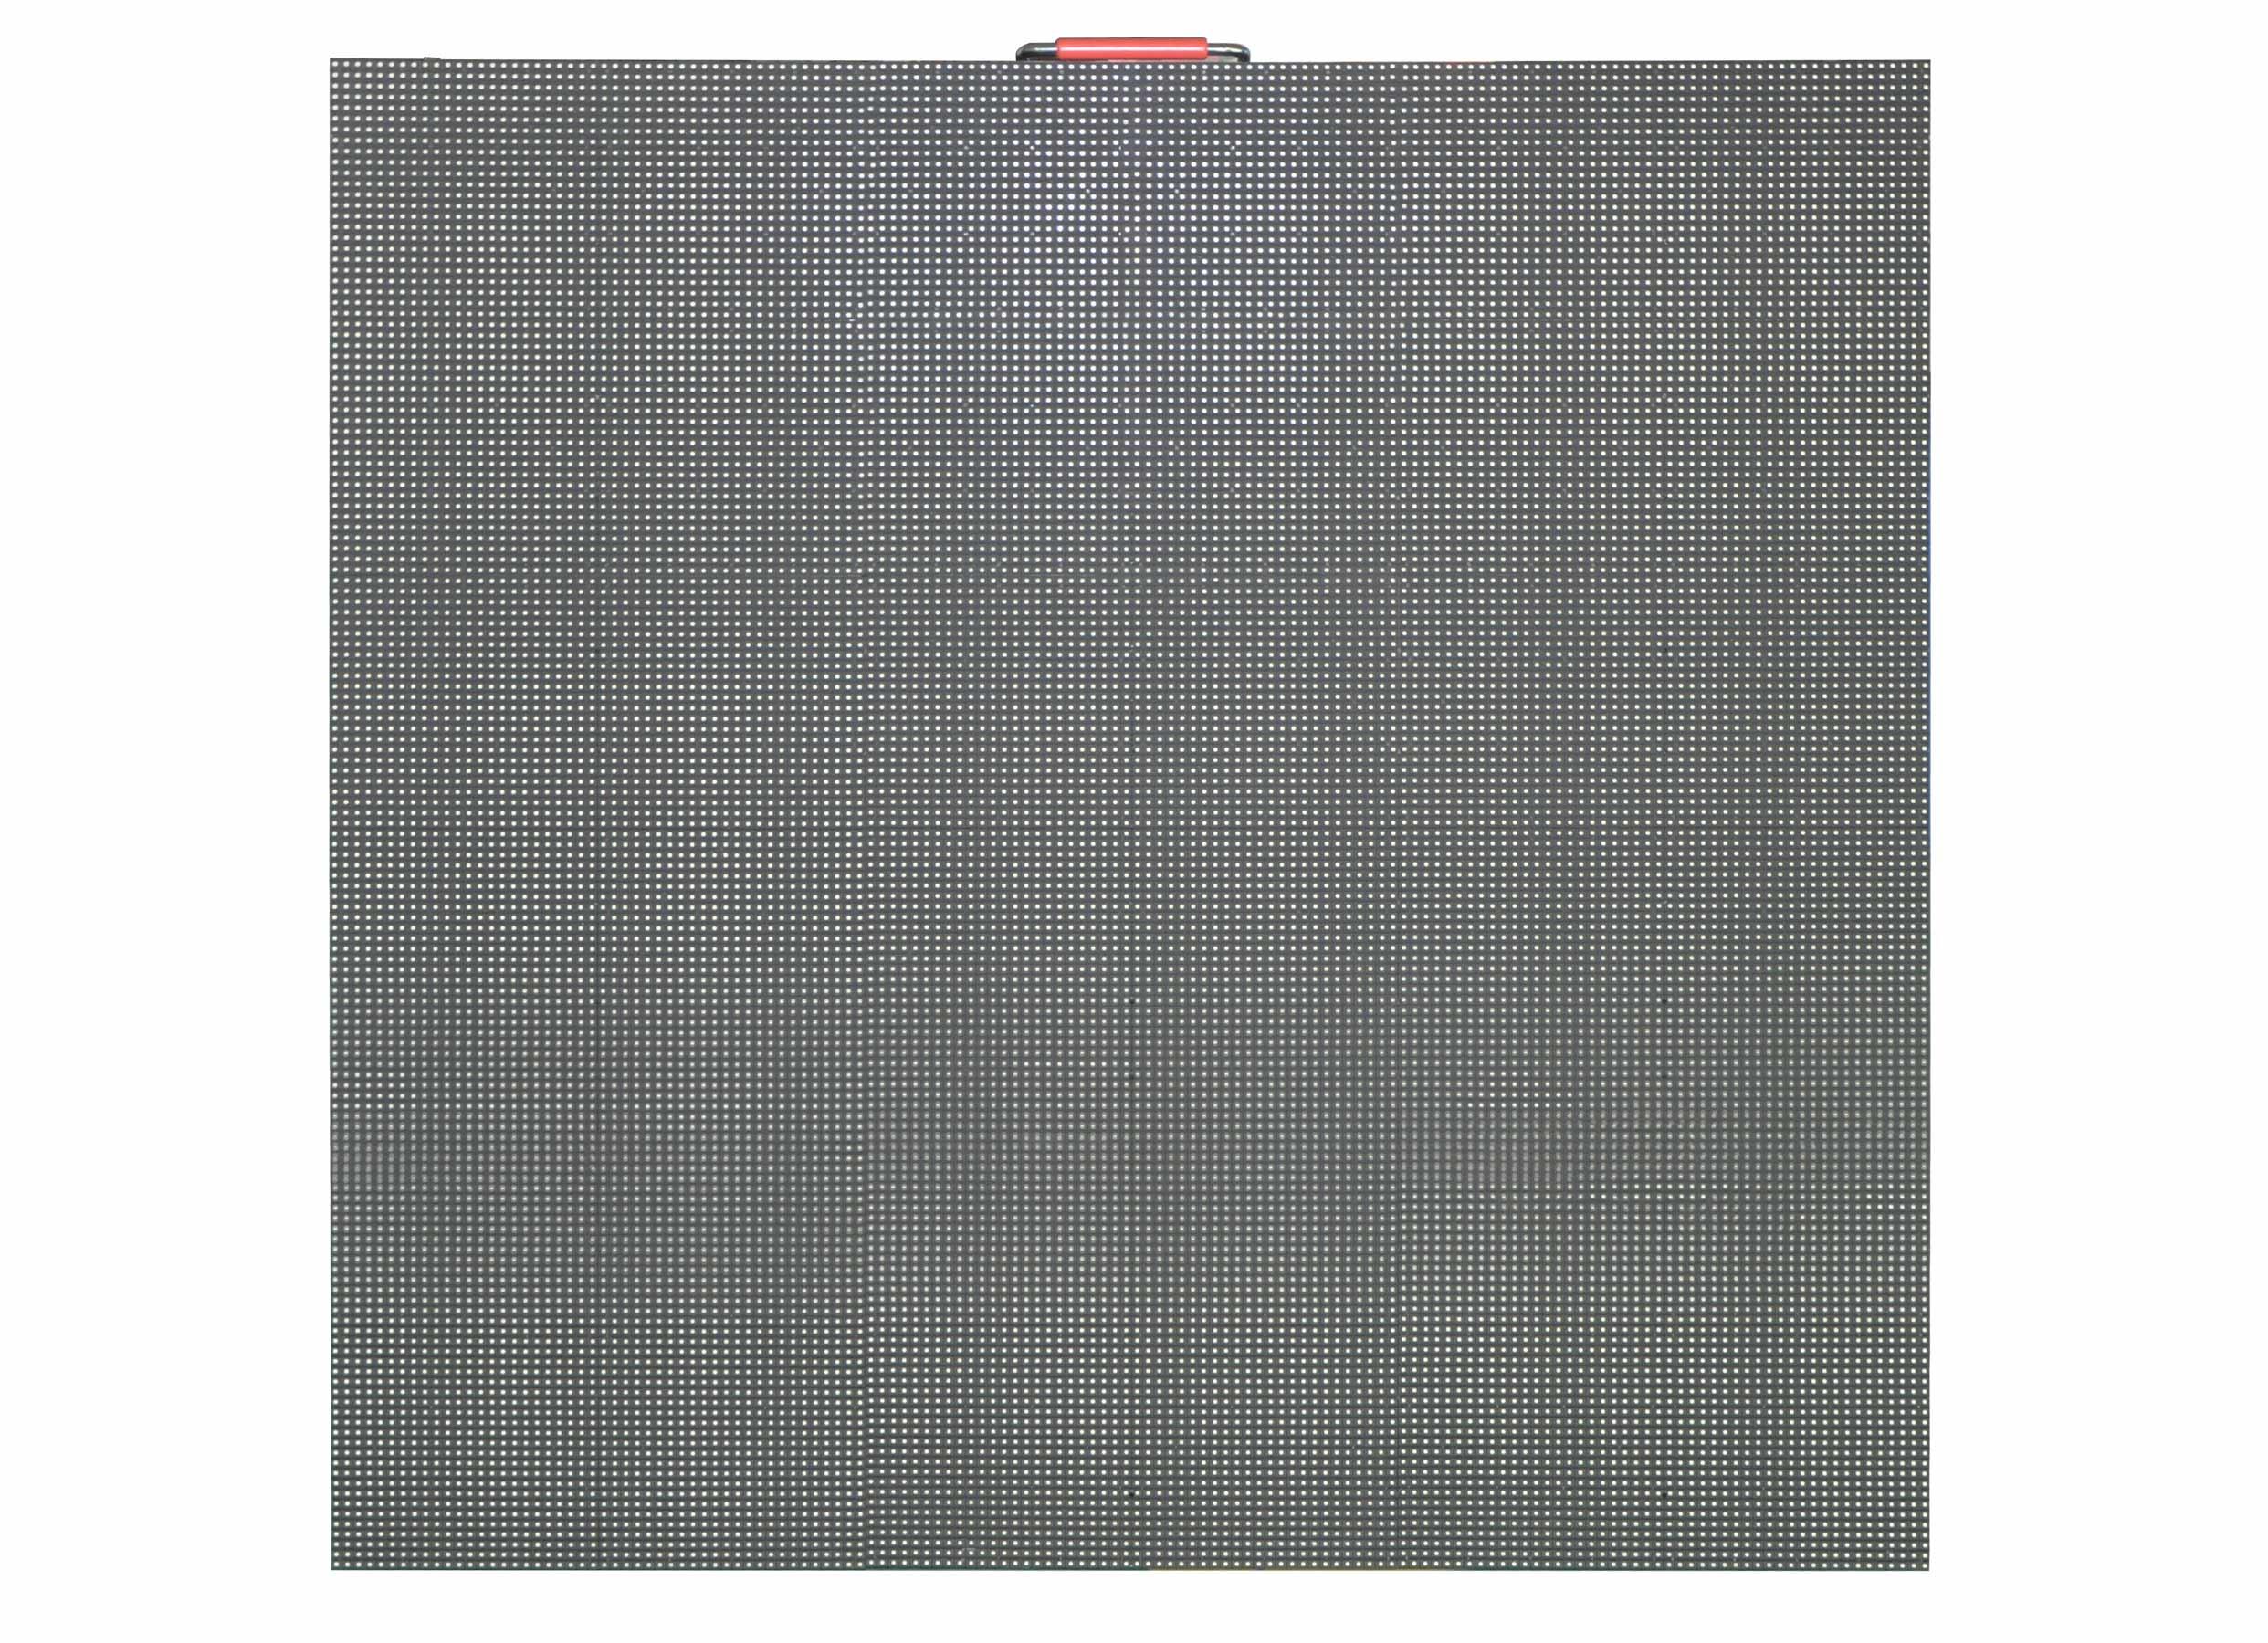 [field:text/]